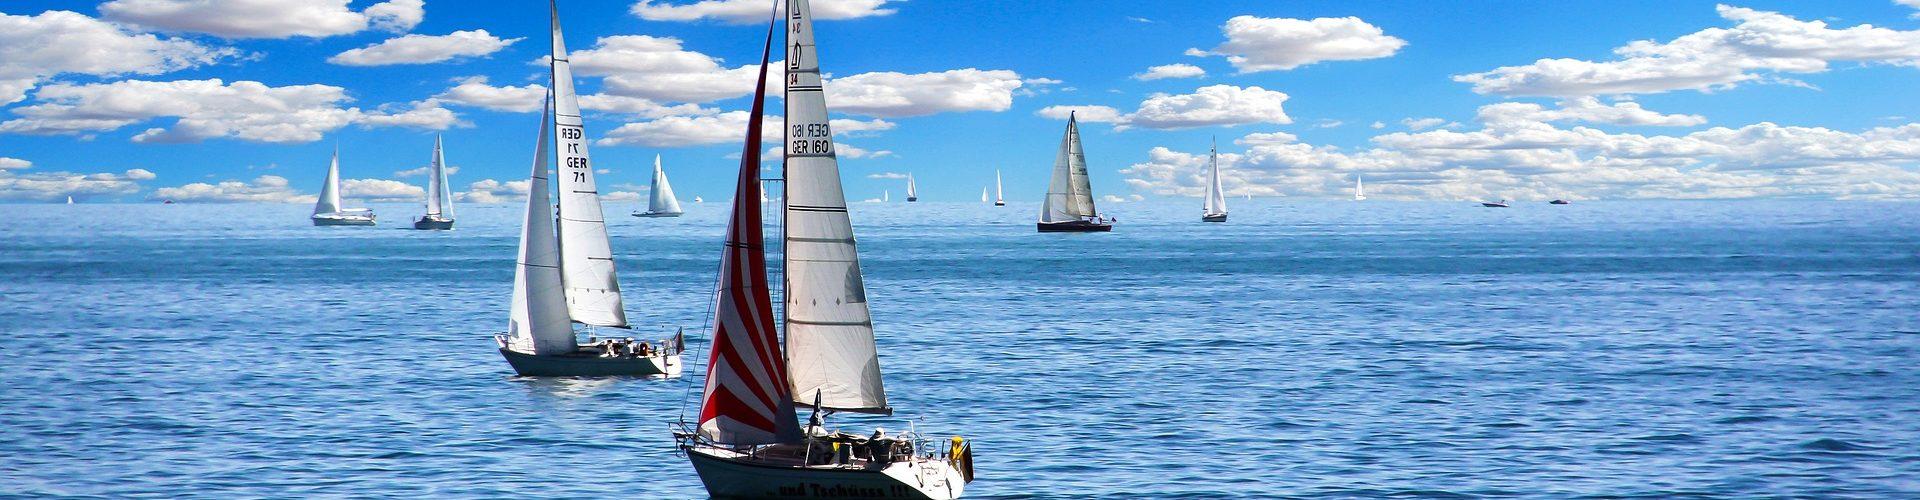 segeln lernen in Hannoversch Münden segelschein machen in Hannoversch Münden 1920x500 - Segeln lernen in Hannoversch Münden